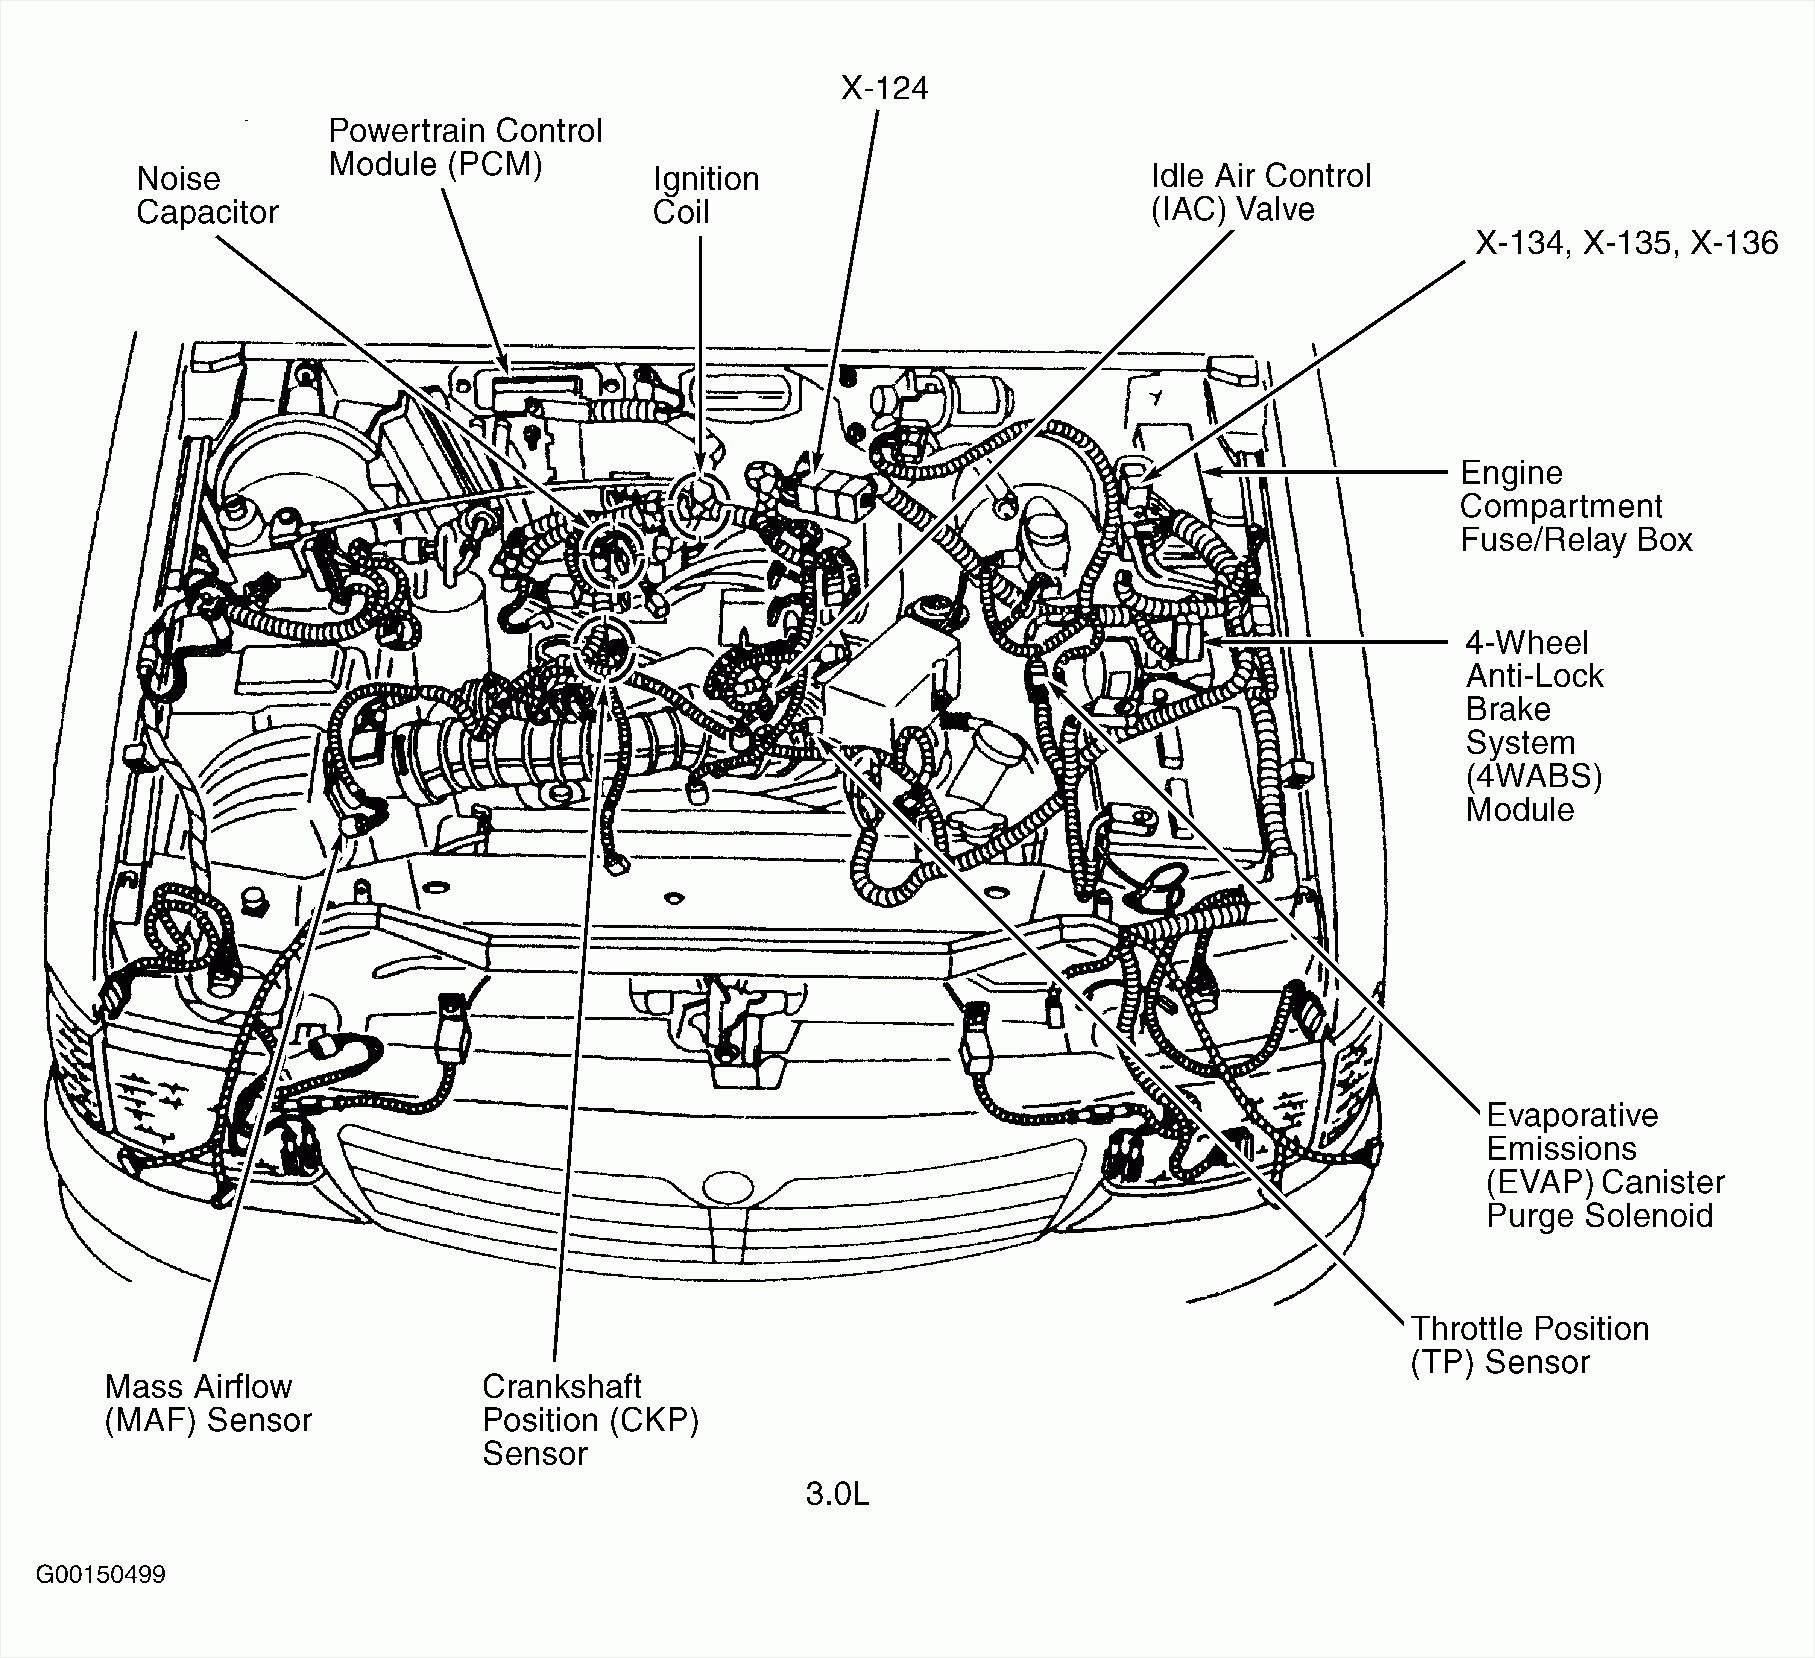 2000 Pontiac Grand Prix Engine Diagram 1997 Grand Am Engine Diagram Wiring Diagram Inside